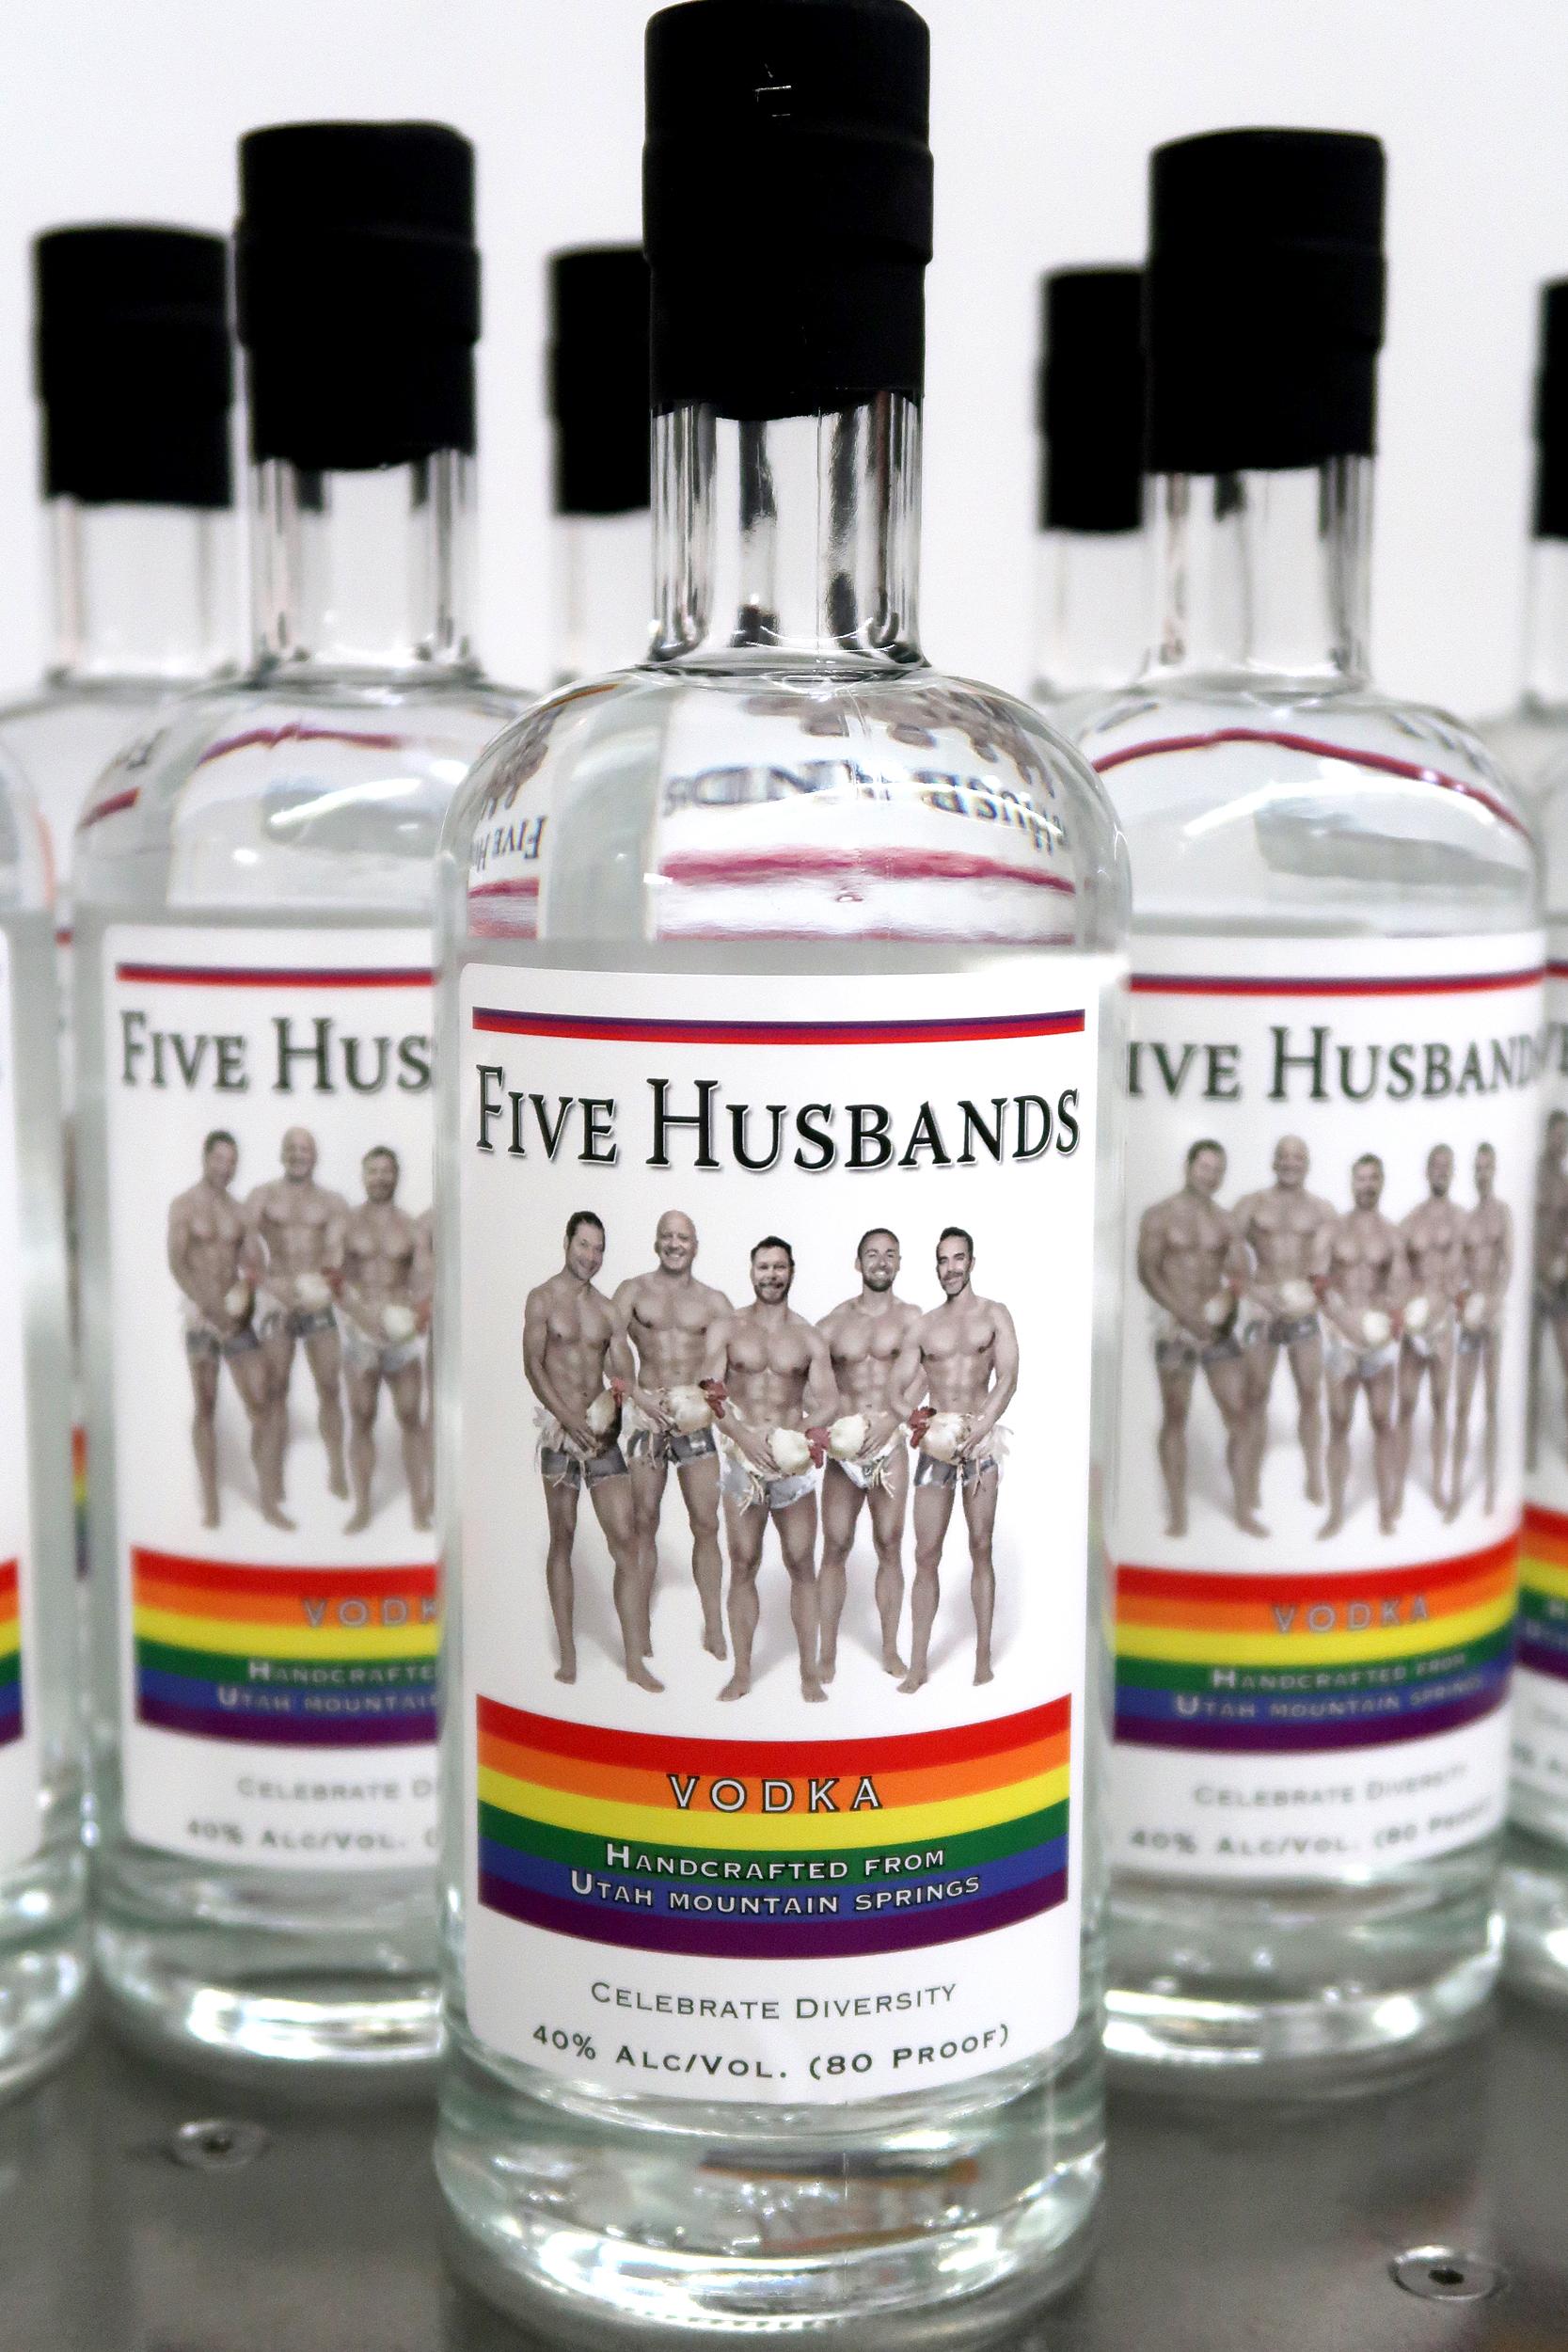 Utah distiller unveils gay-themed 'Five Husbands' vodka for pride festival